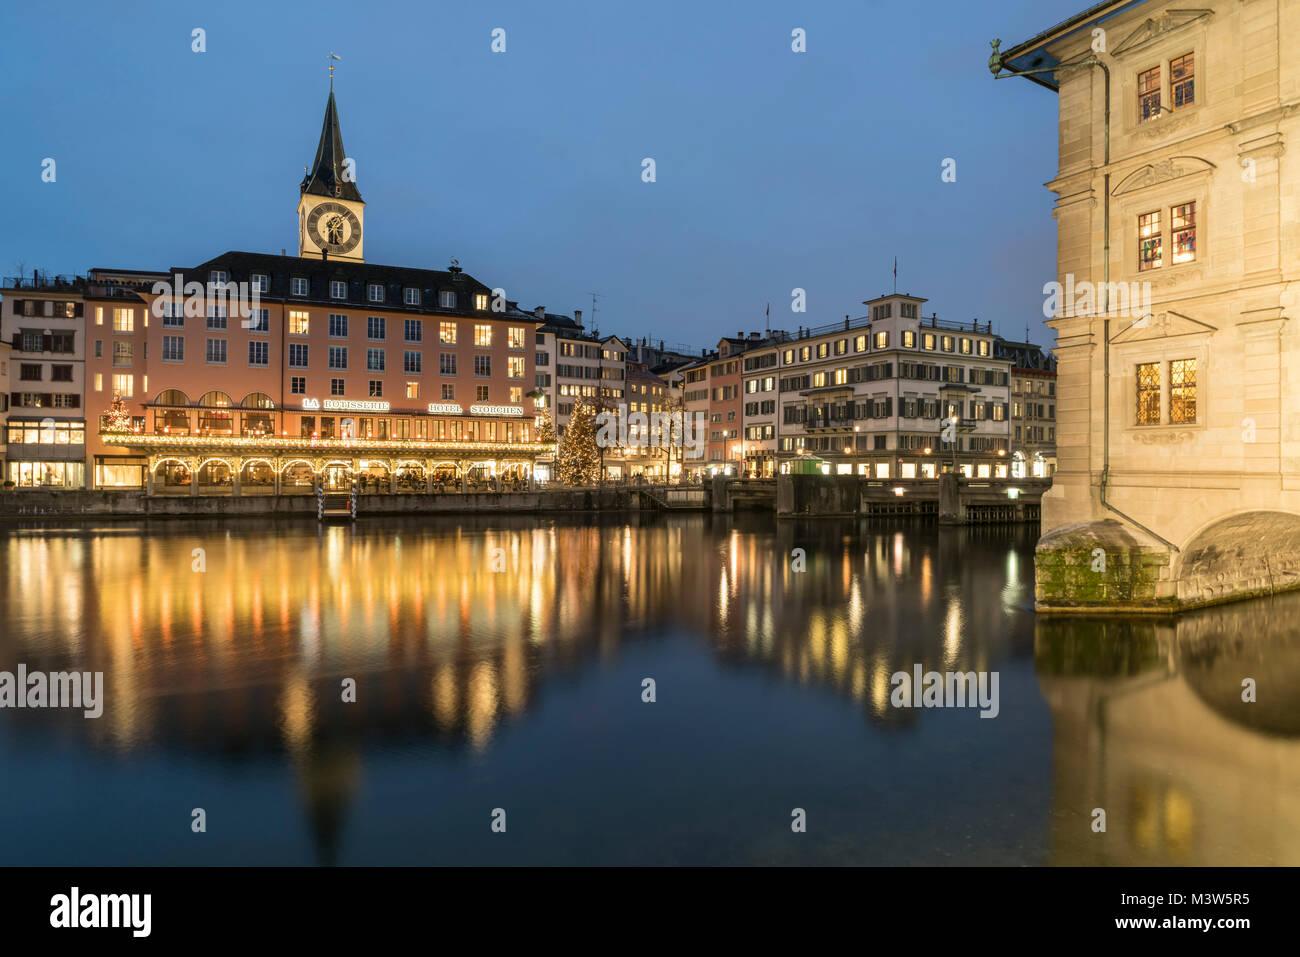 River Limmat, Hotel Storchen, St. Peters church, city hall, Zurich, Switzerland - Stock Image